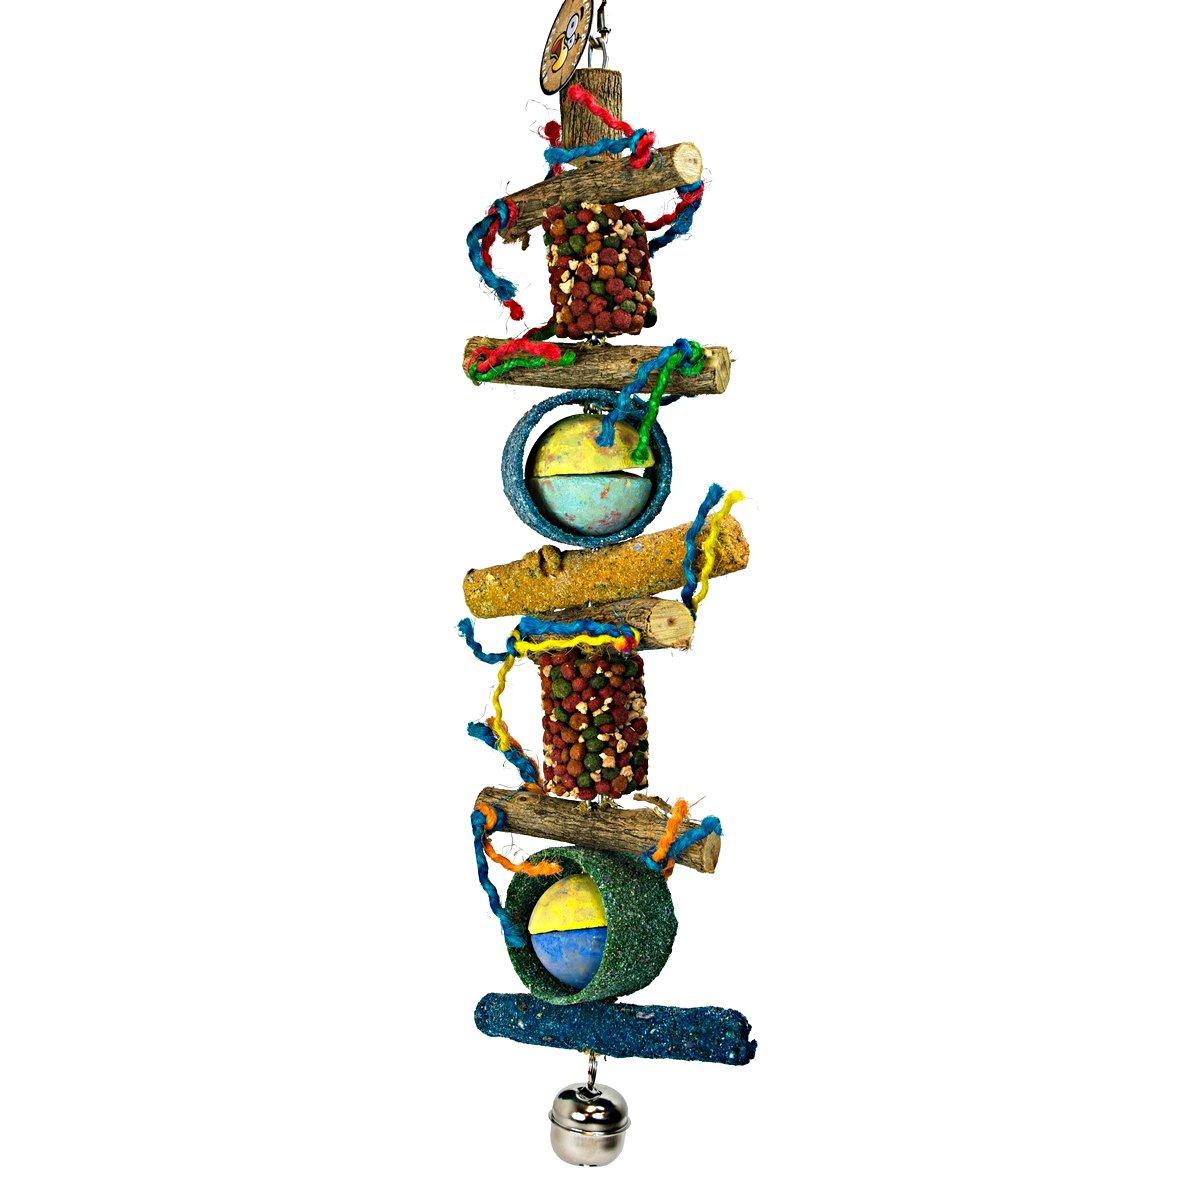 Afbeelding van Birdeeez Jumbo Macaw Parrot Rope Toy